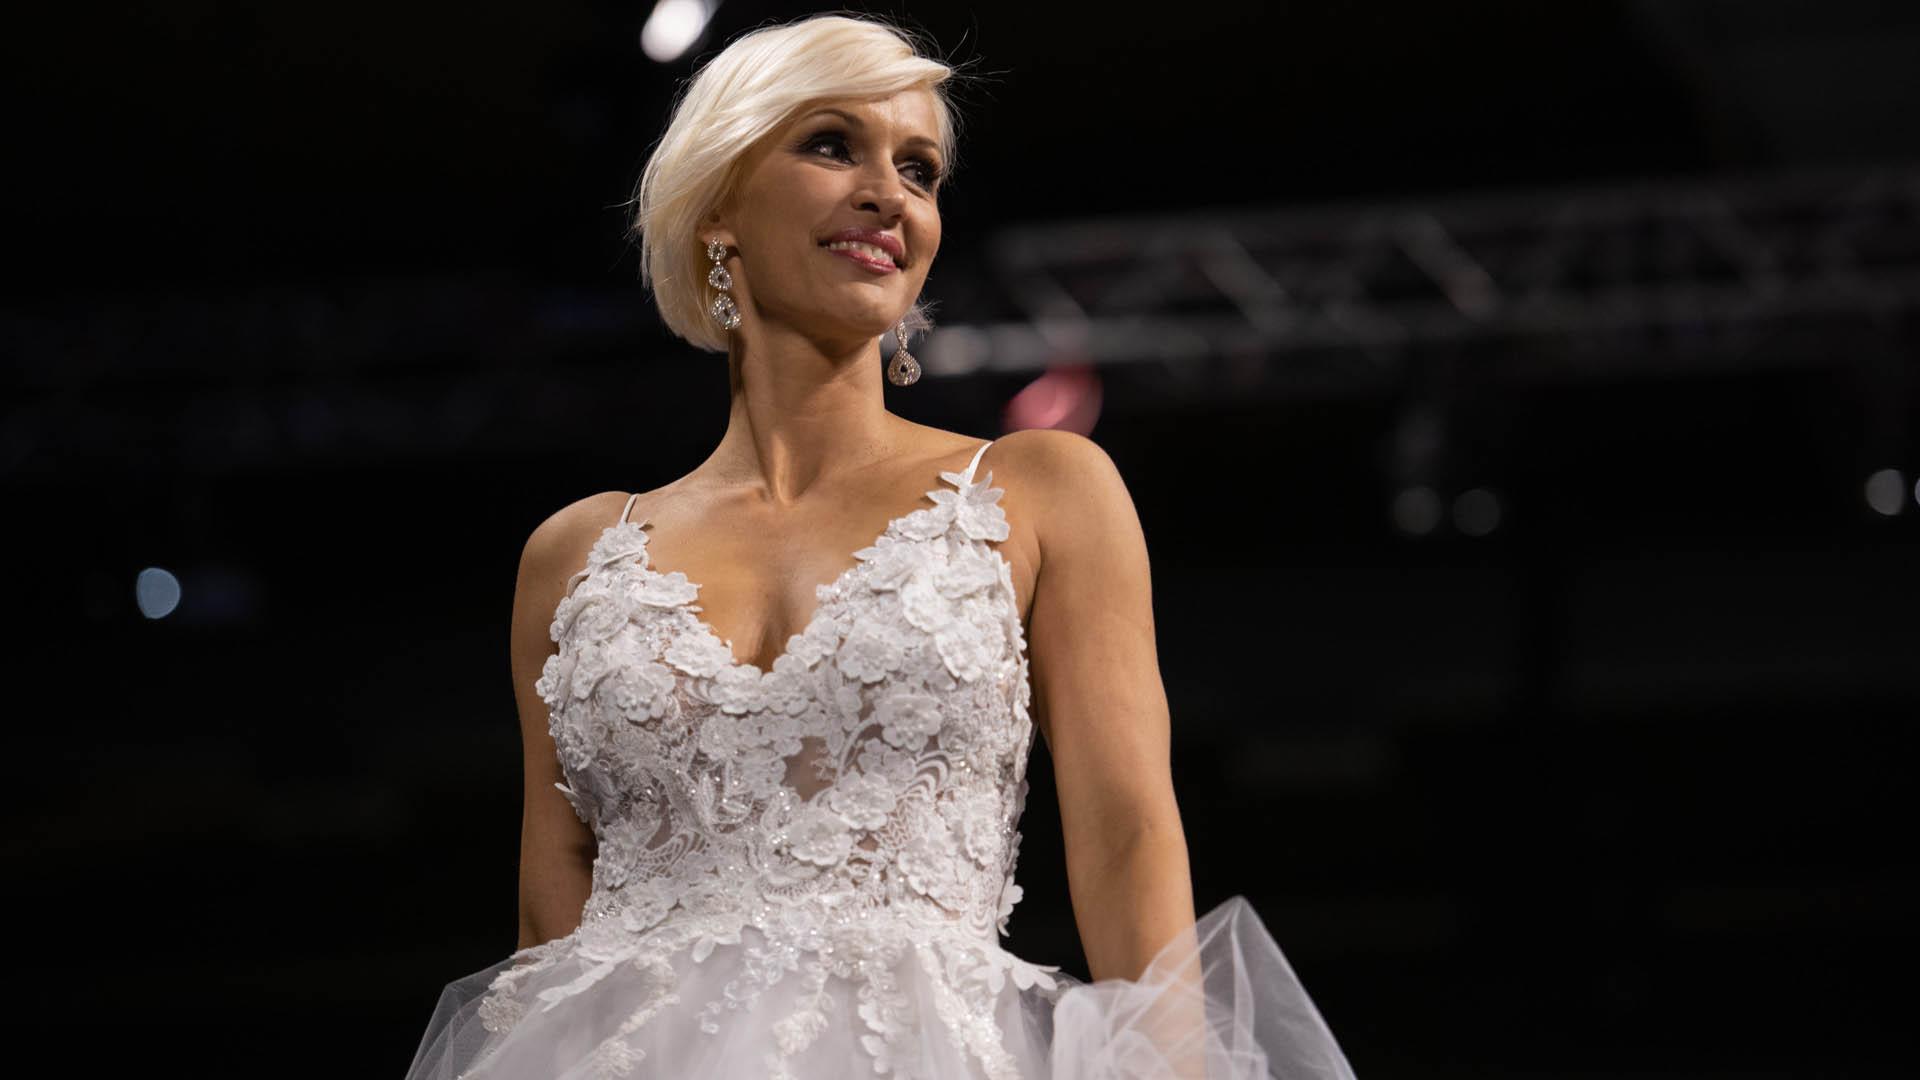 Grudke cerró la pasarela de una noche mágica que reunió a los principales diseñadores argentinos, en el primer día del gran show de moda con un vestido de Claudia Arce